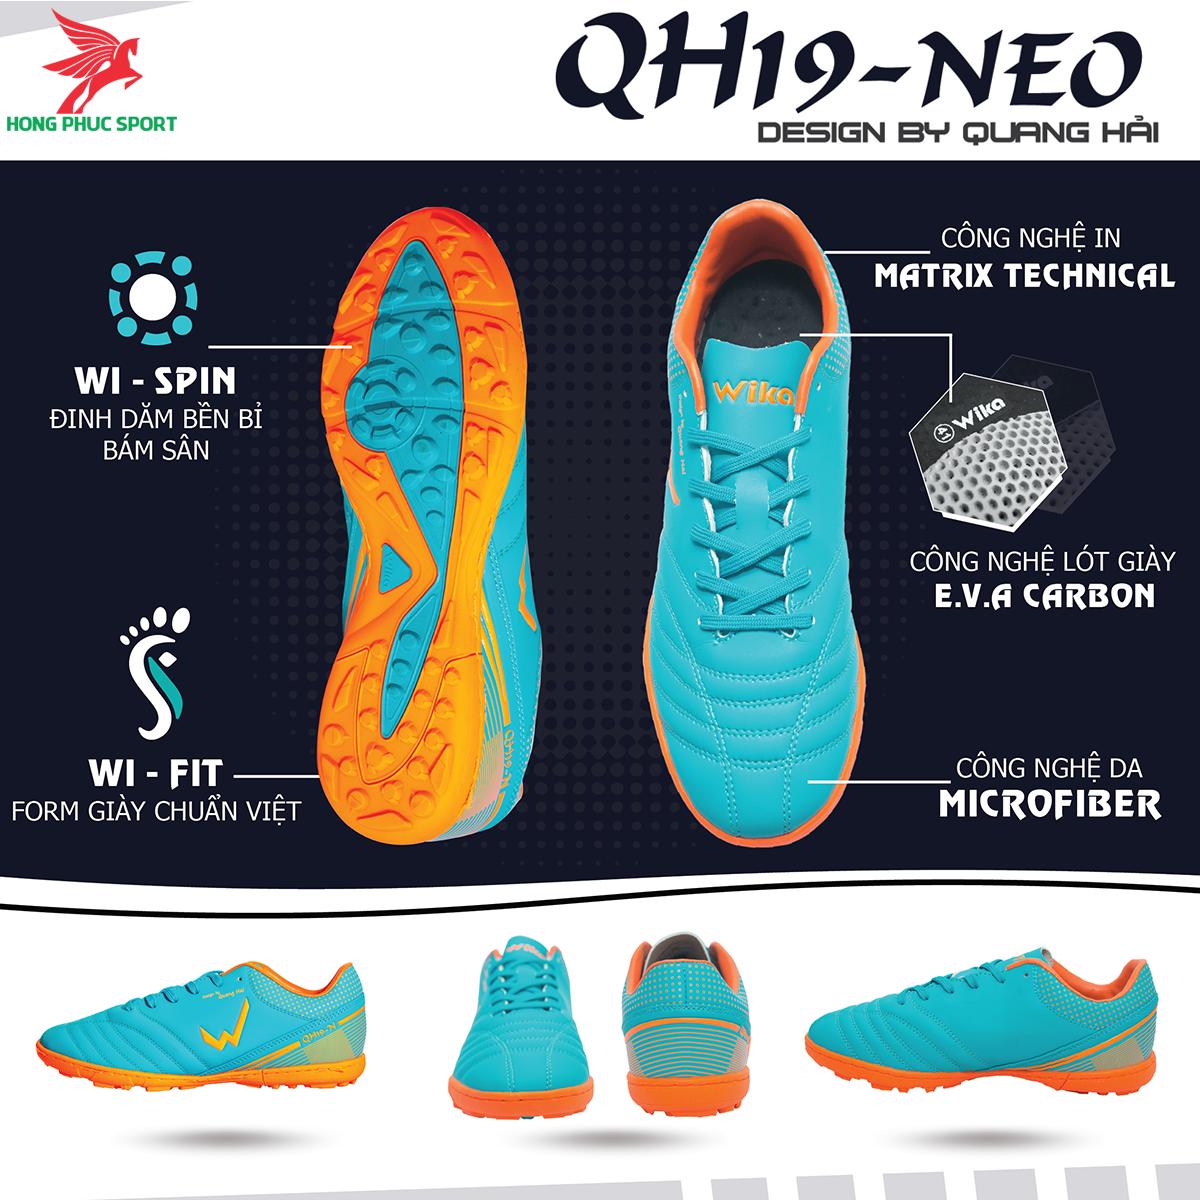 Giày đá banh Wika QH19 Neo sân cỏ nhân tạo màu Xanh ngọc (1)